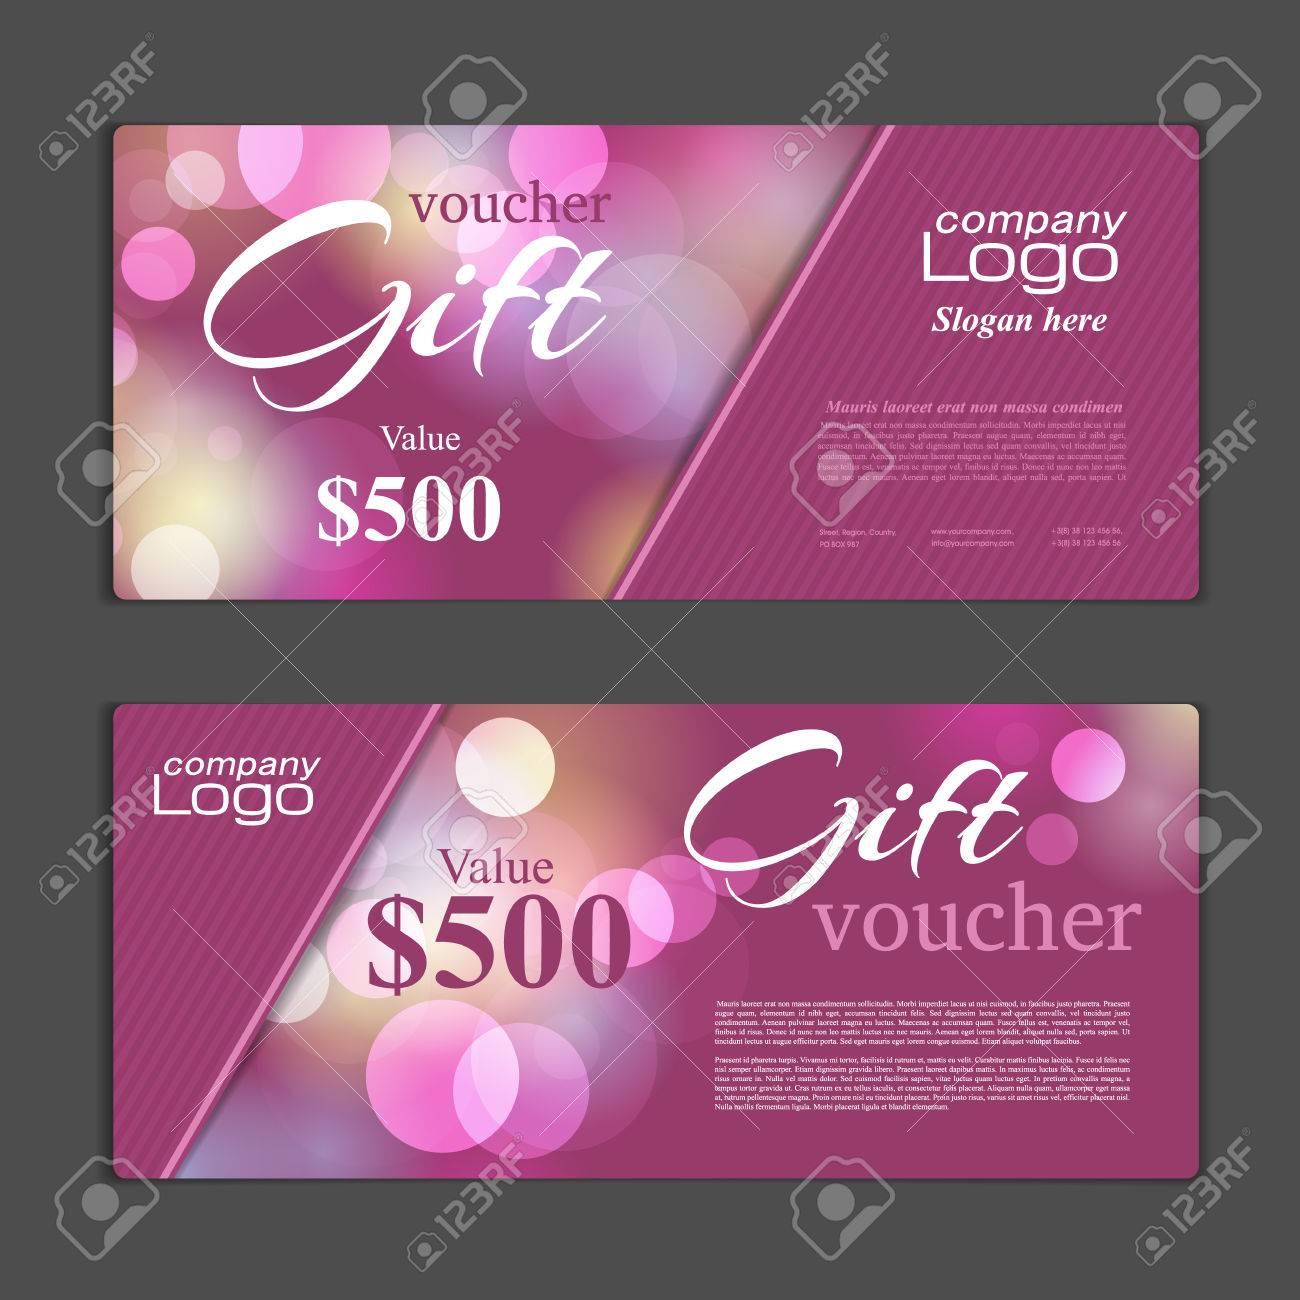 Gift Voucher template - 51299844